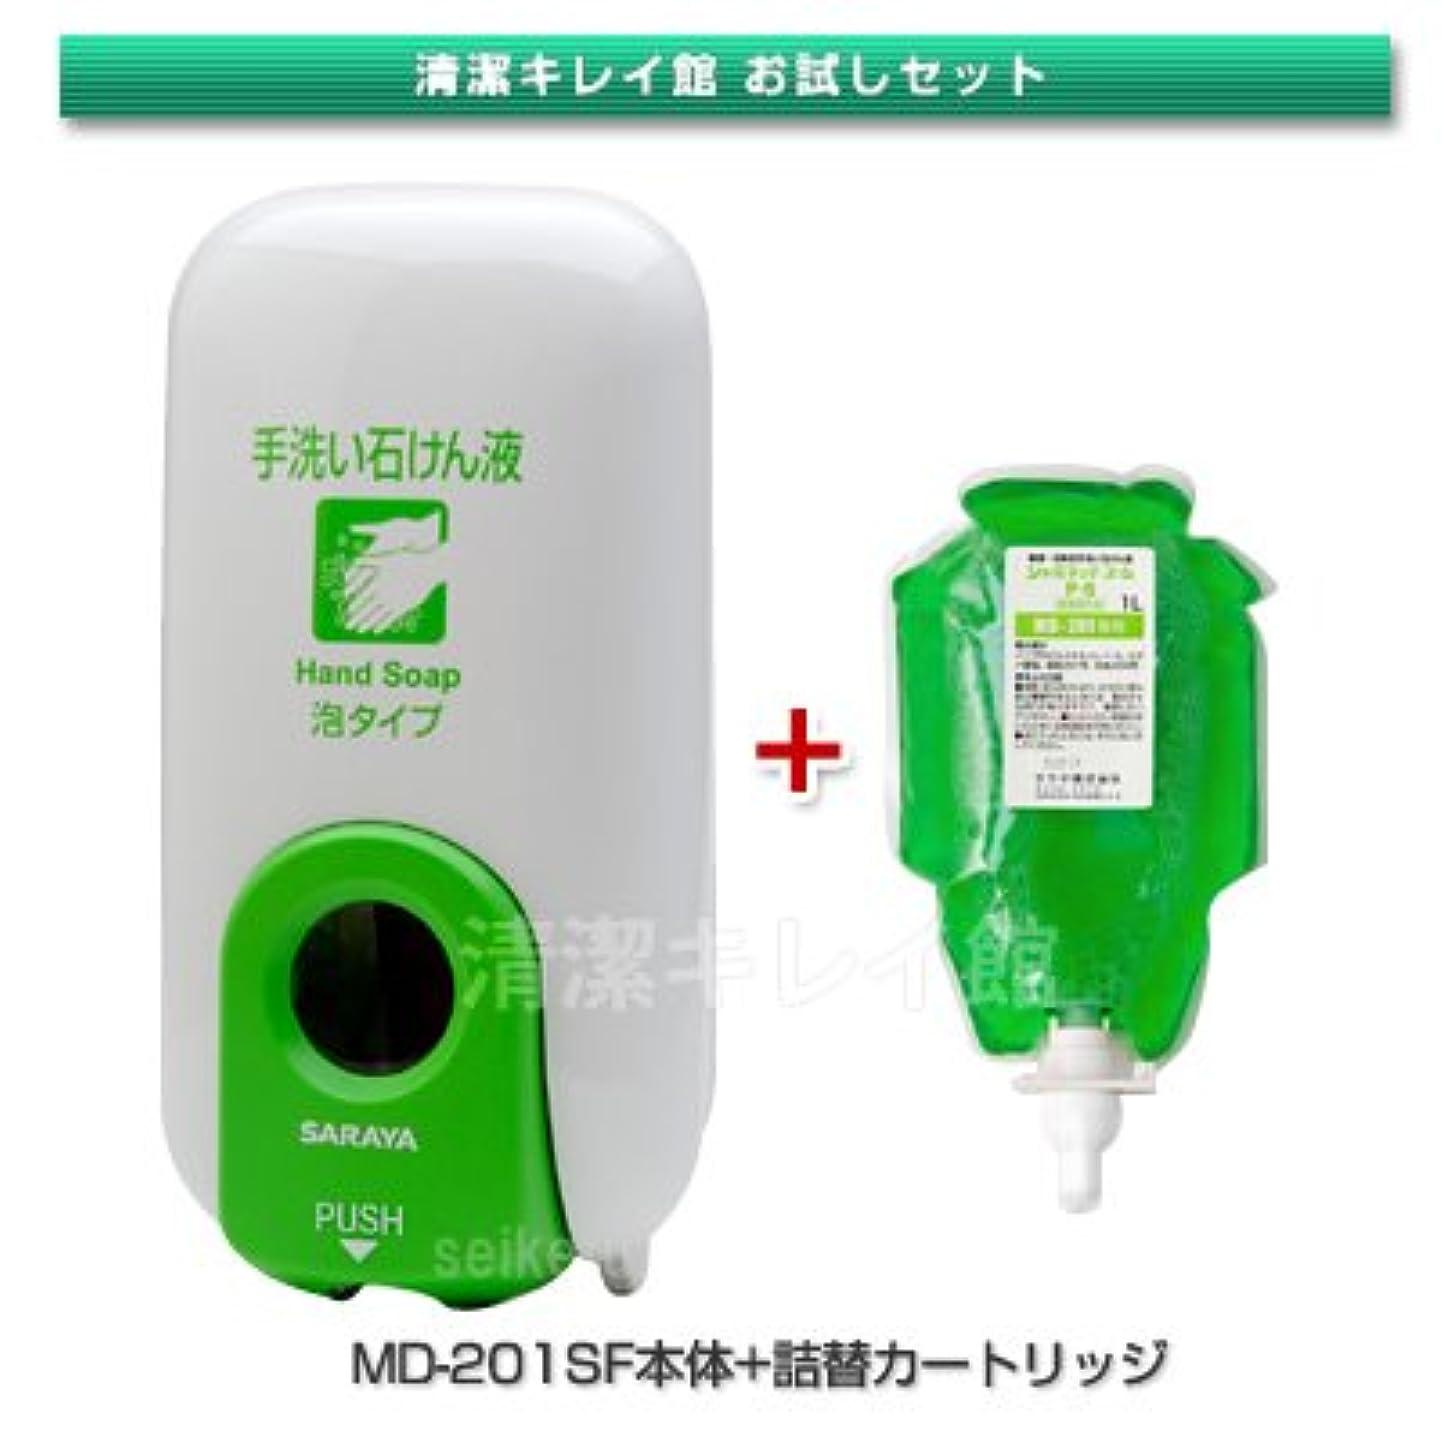 溶融公平な反発するサラヤ プッシュ式石鹸液 MD-201SF(泡)【清潔キレイ館お試しセット】(本体とカートリッジ/ユムP-5)